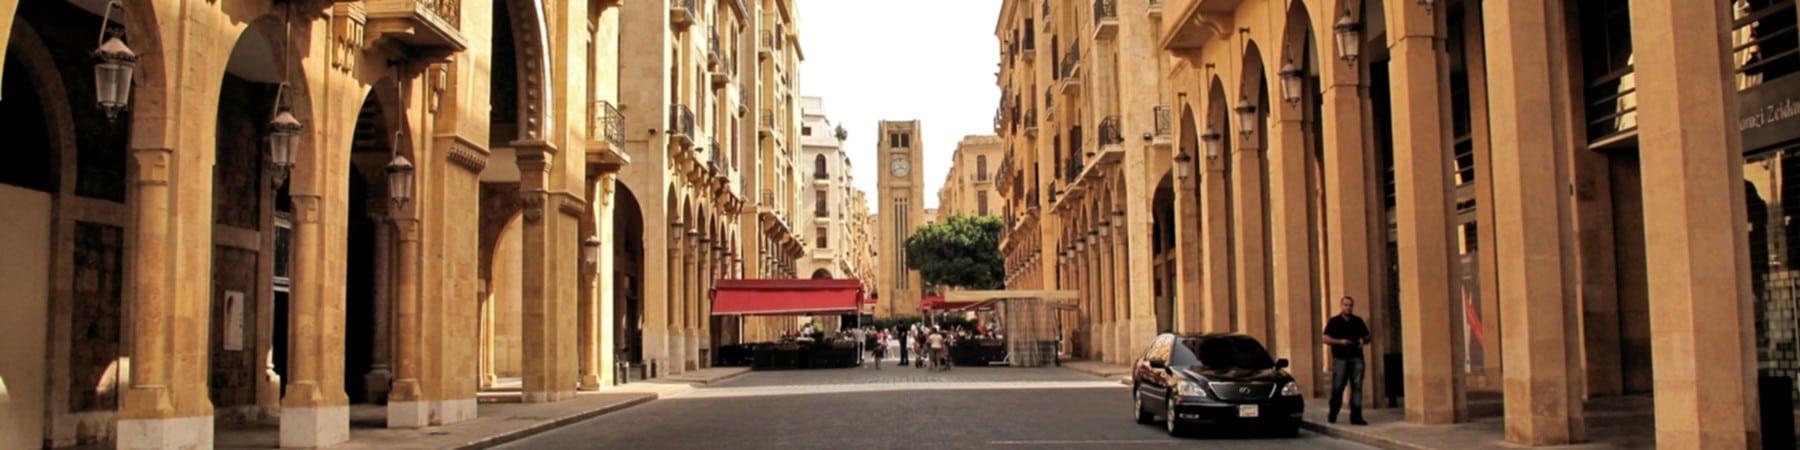 استمتع فى وسط مدينة بيروت